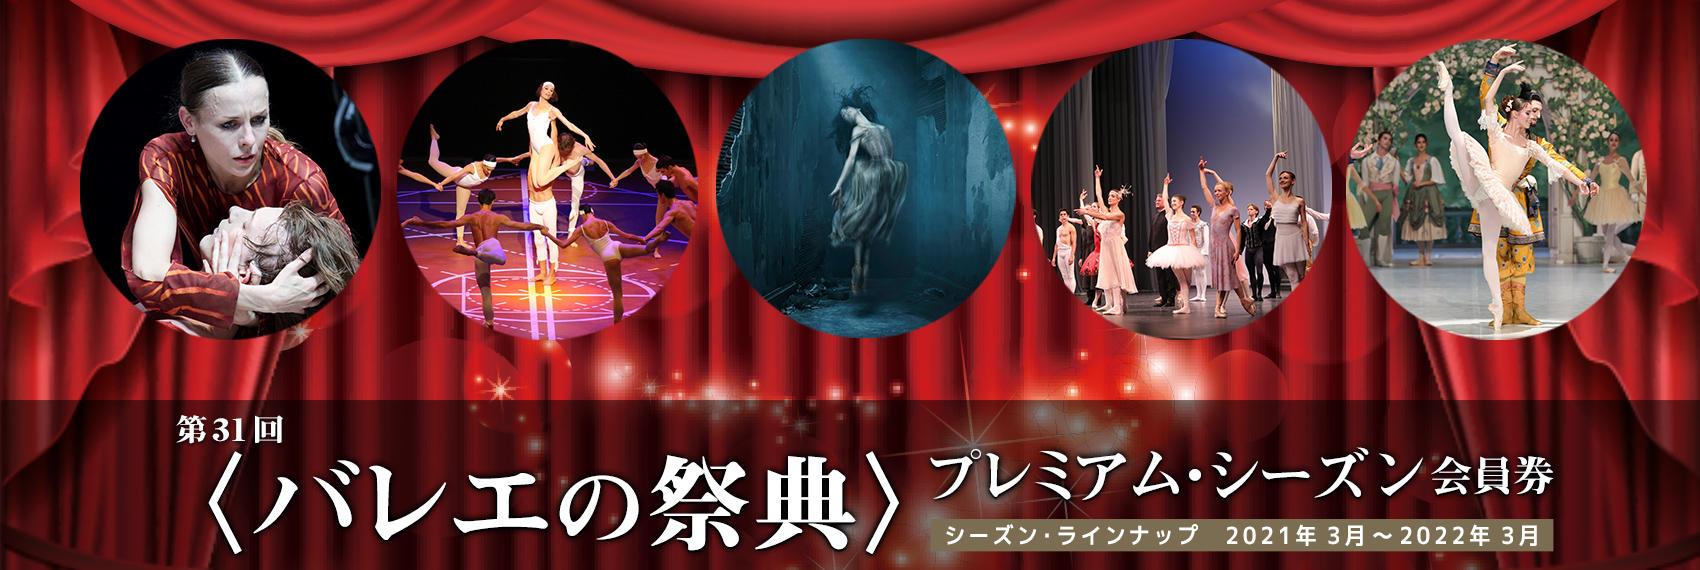 バレエの祭典